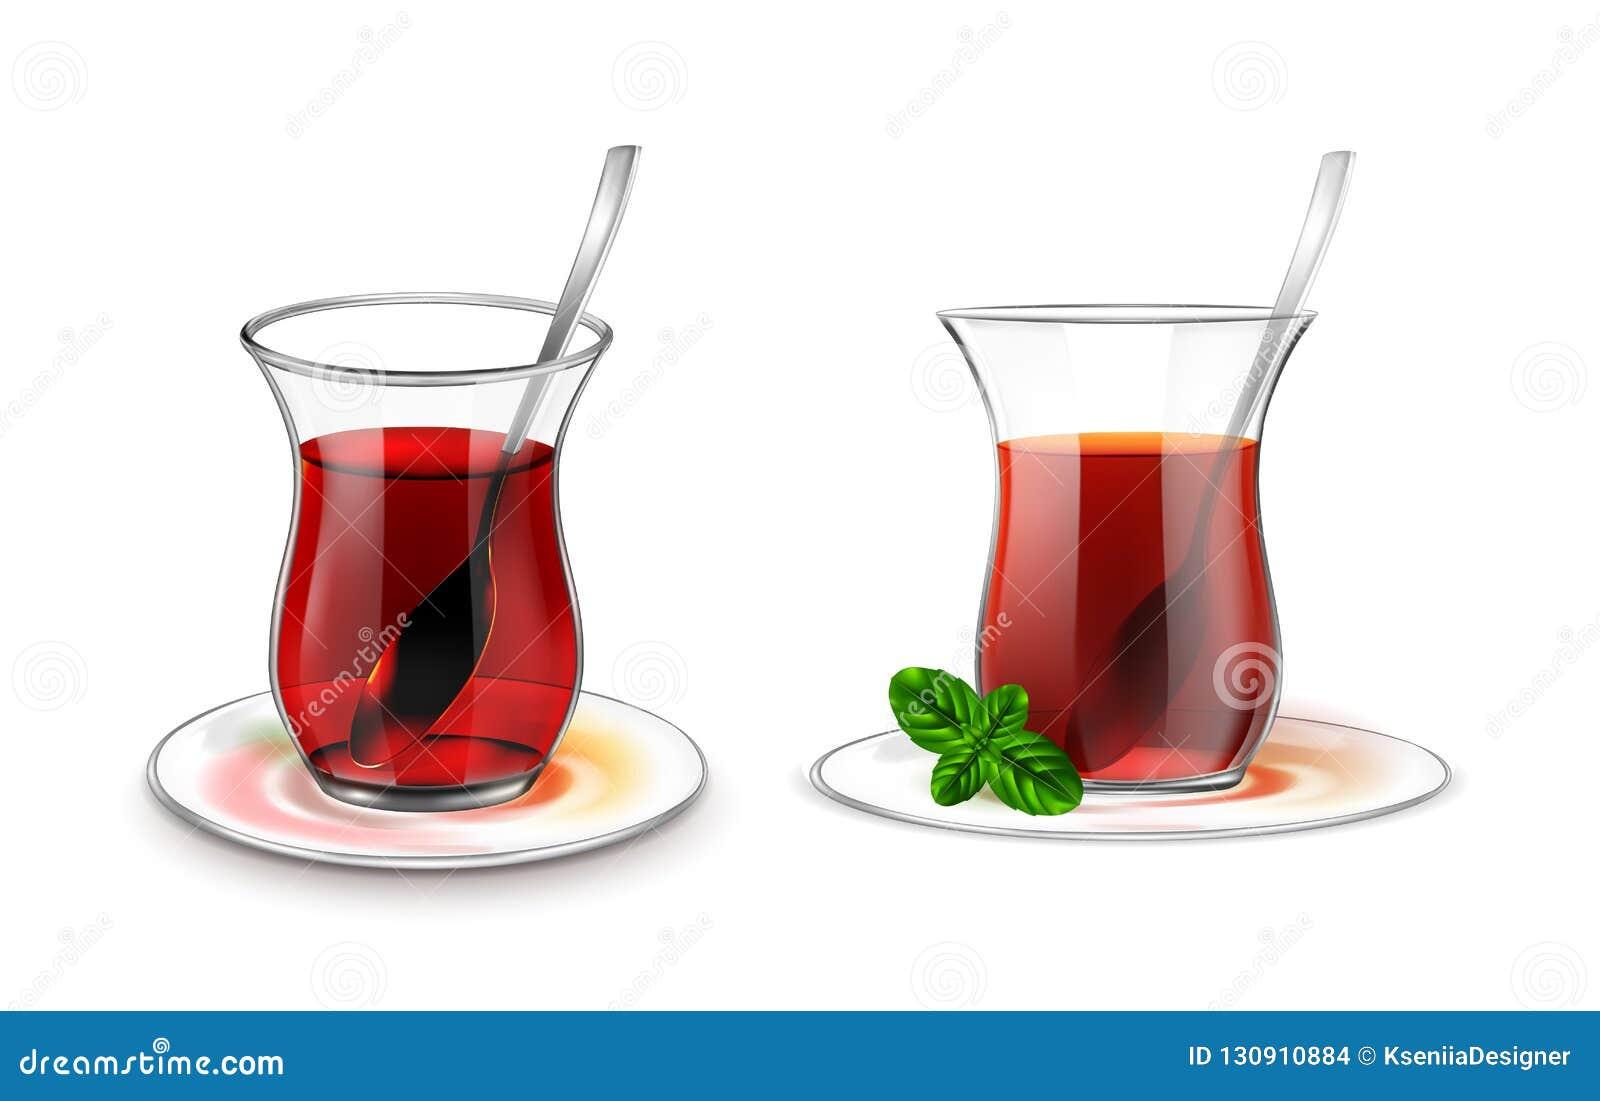 Turecka herbaciana filiżanka z czarną herbatą, srebną łyżką i mennicą,